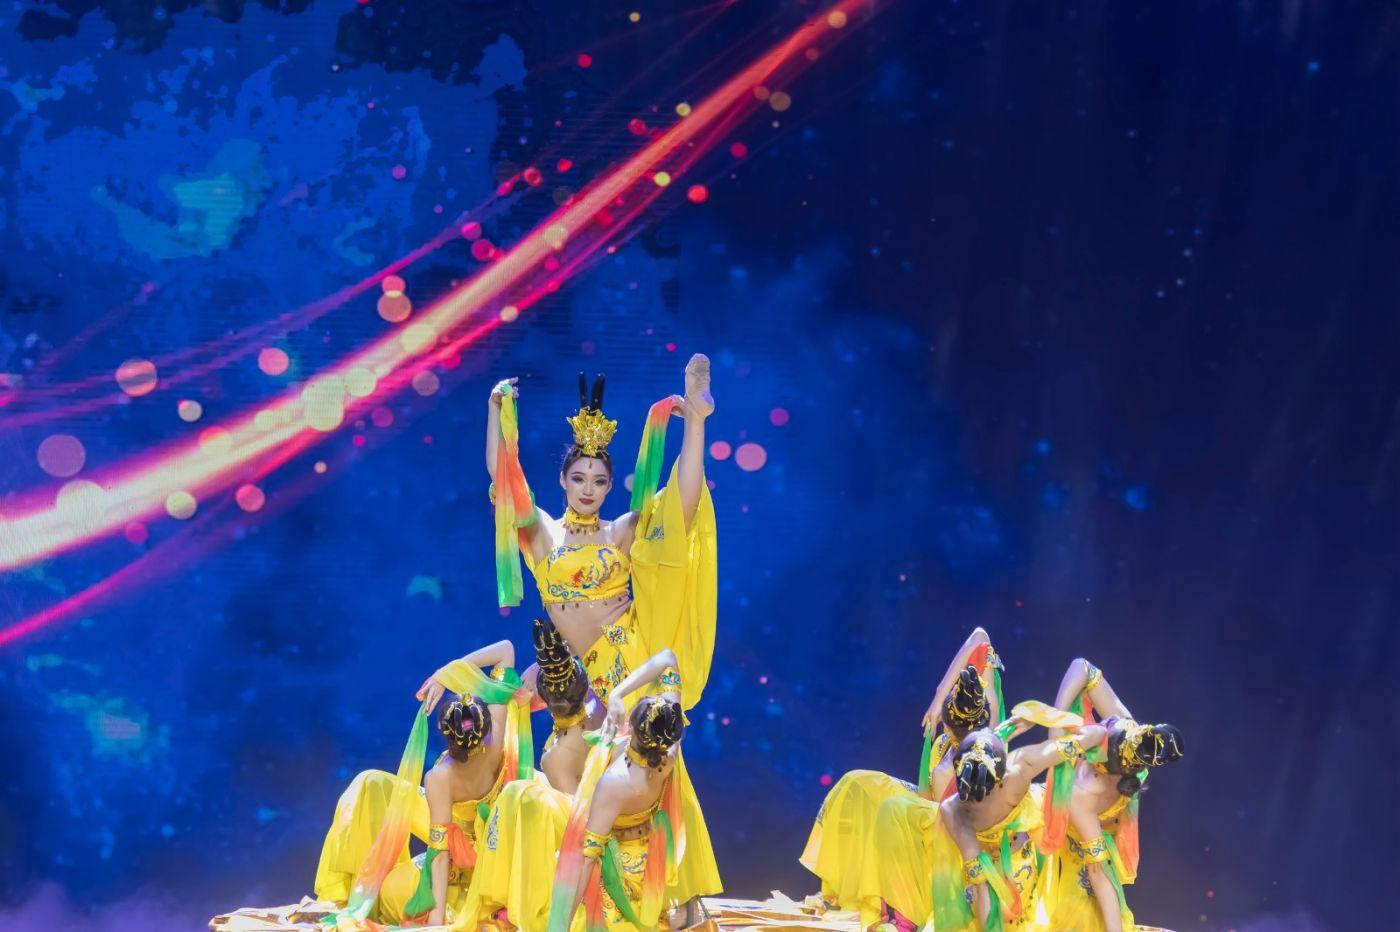 沂蒙大地上 有一种舞蹈叫飞天 这是几位临沂女孩的杰作 美轮美奂 ..._图1-15